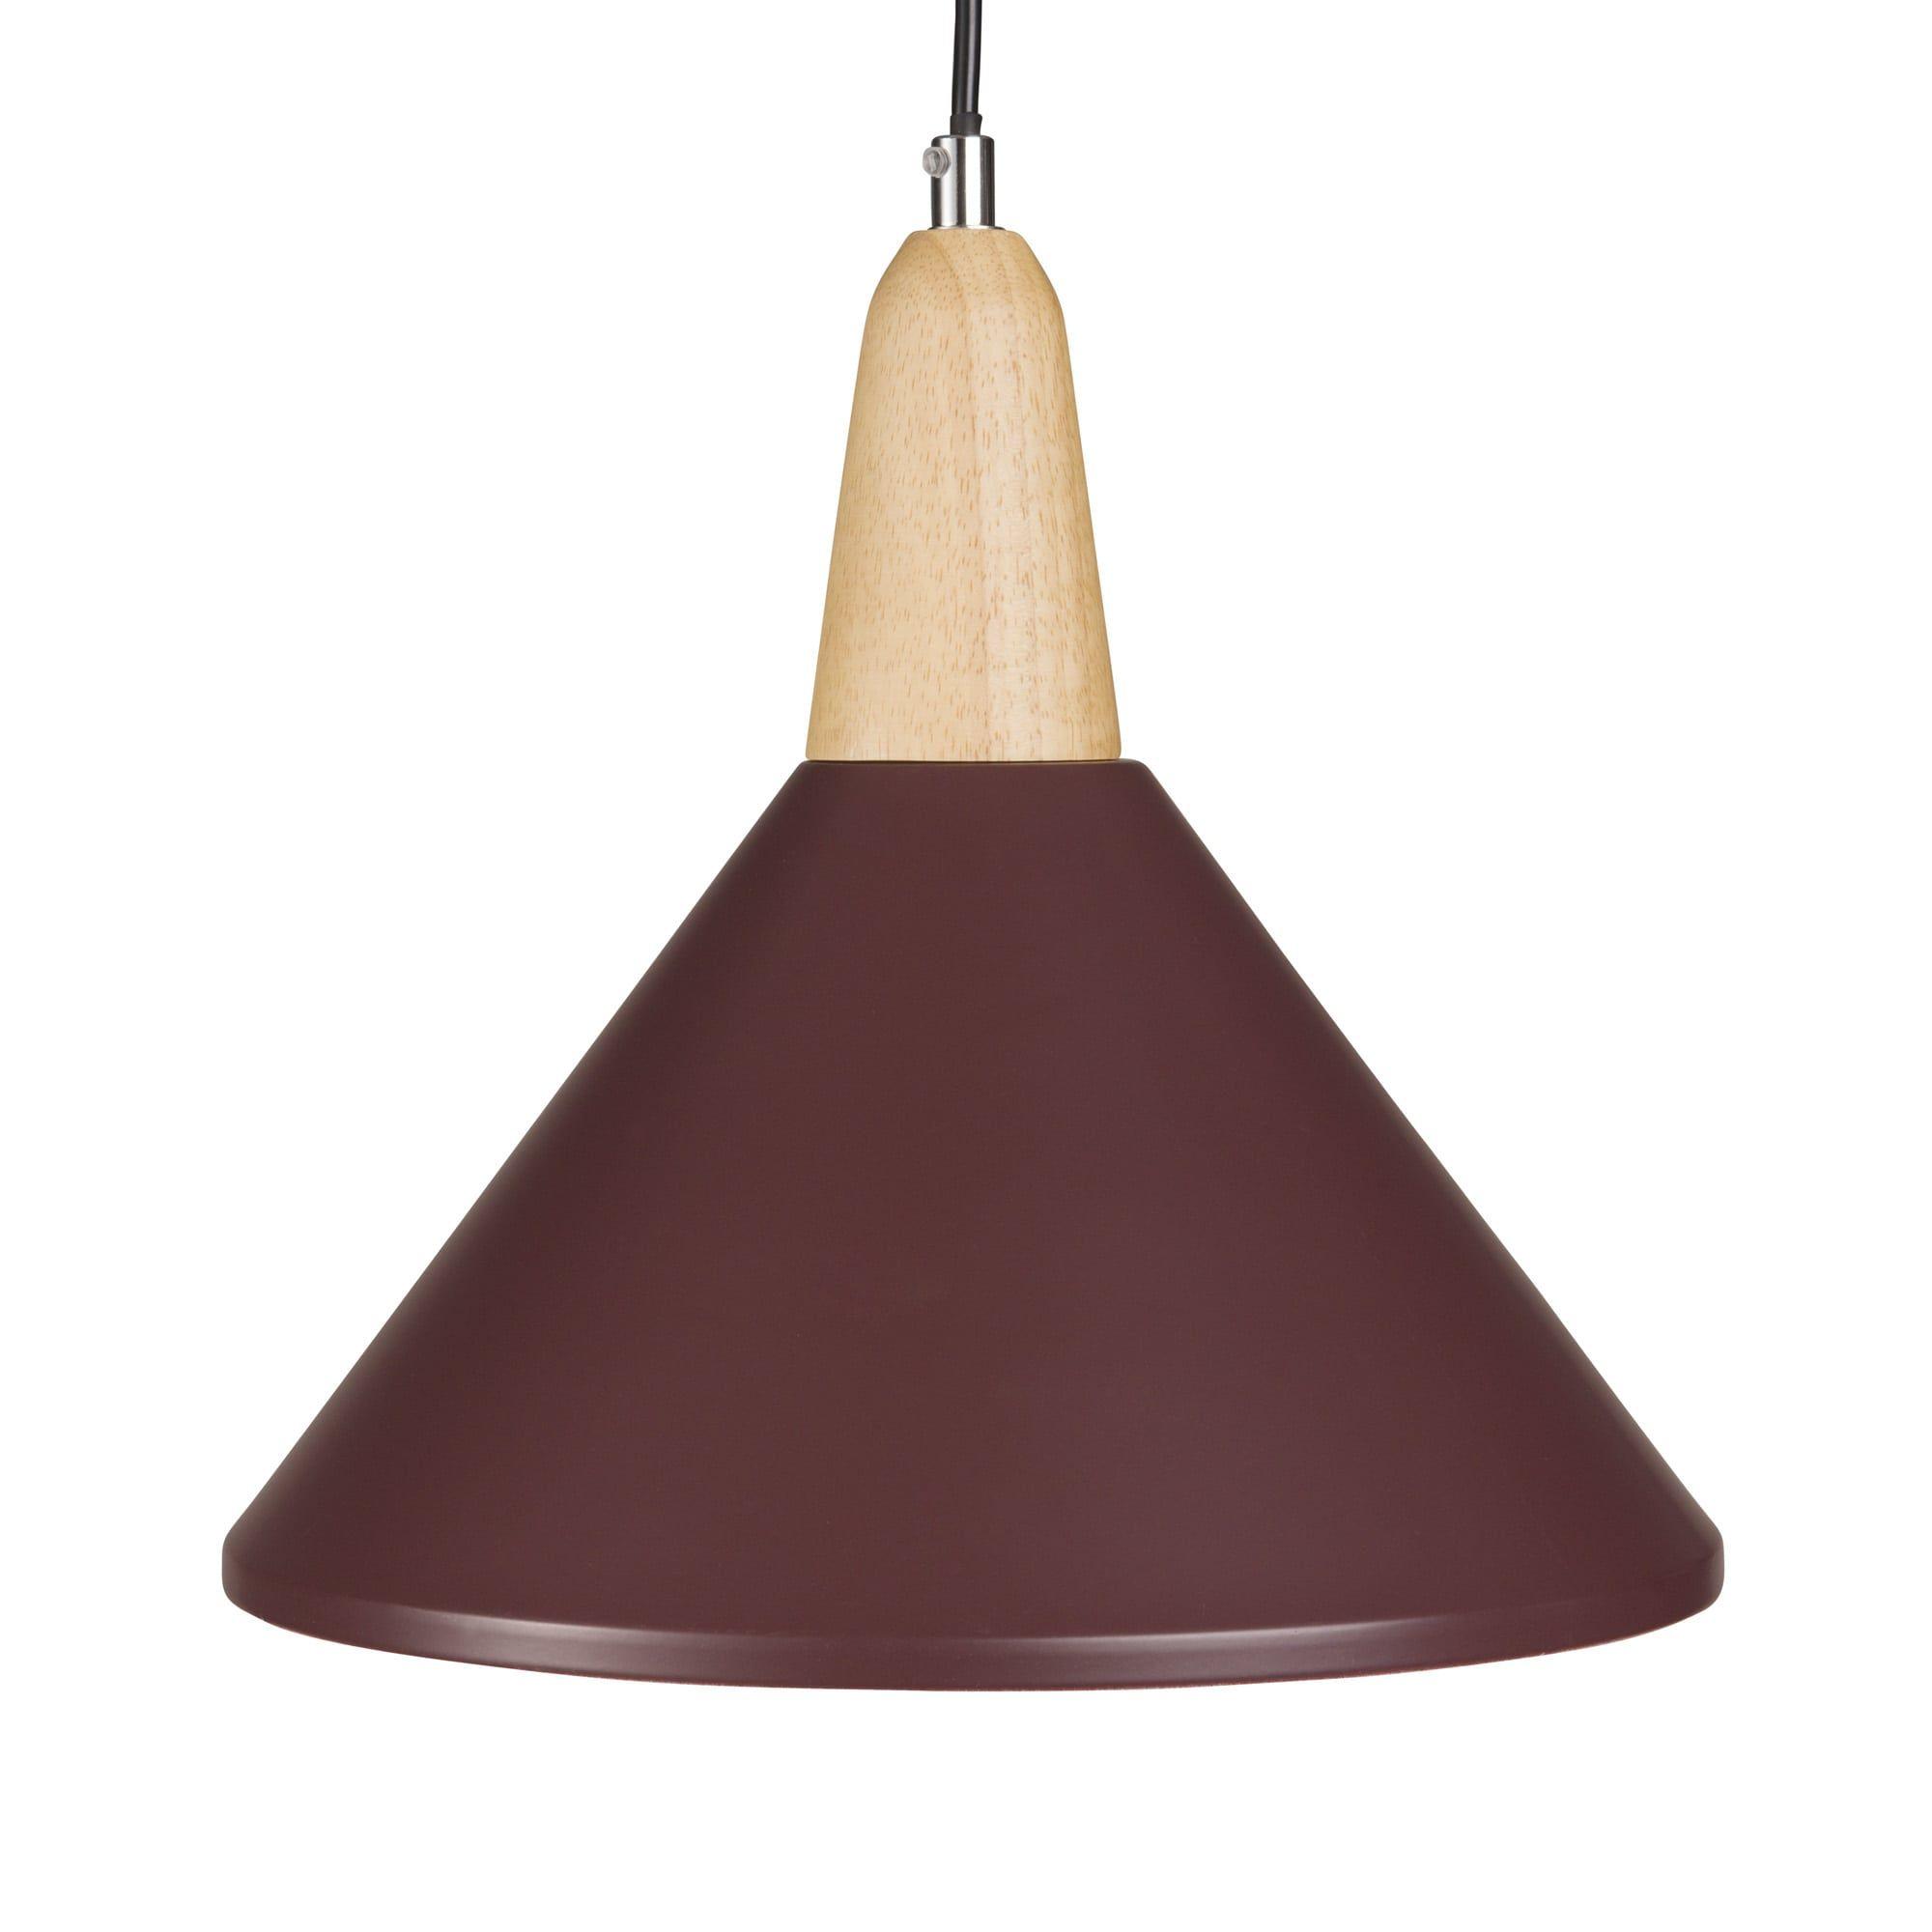 Excellent Awesome Hngeleuchte Aus Metall Violett Jetzt Bestellen Unter With  Lampen Asia Style With Vintage Hngeleuchte With Kchenmbel Vintage Look